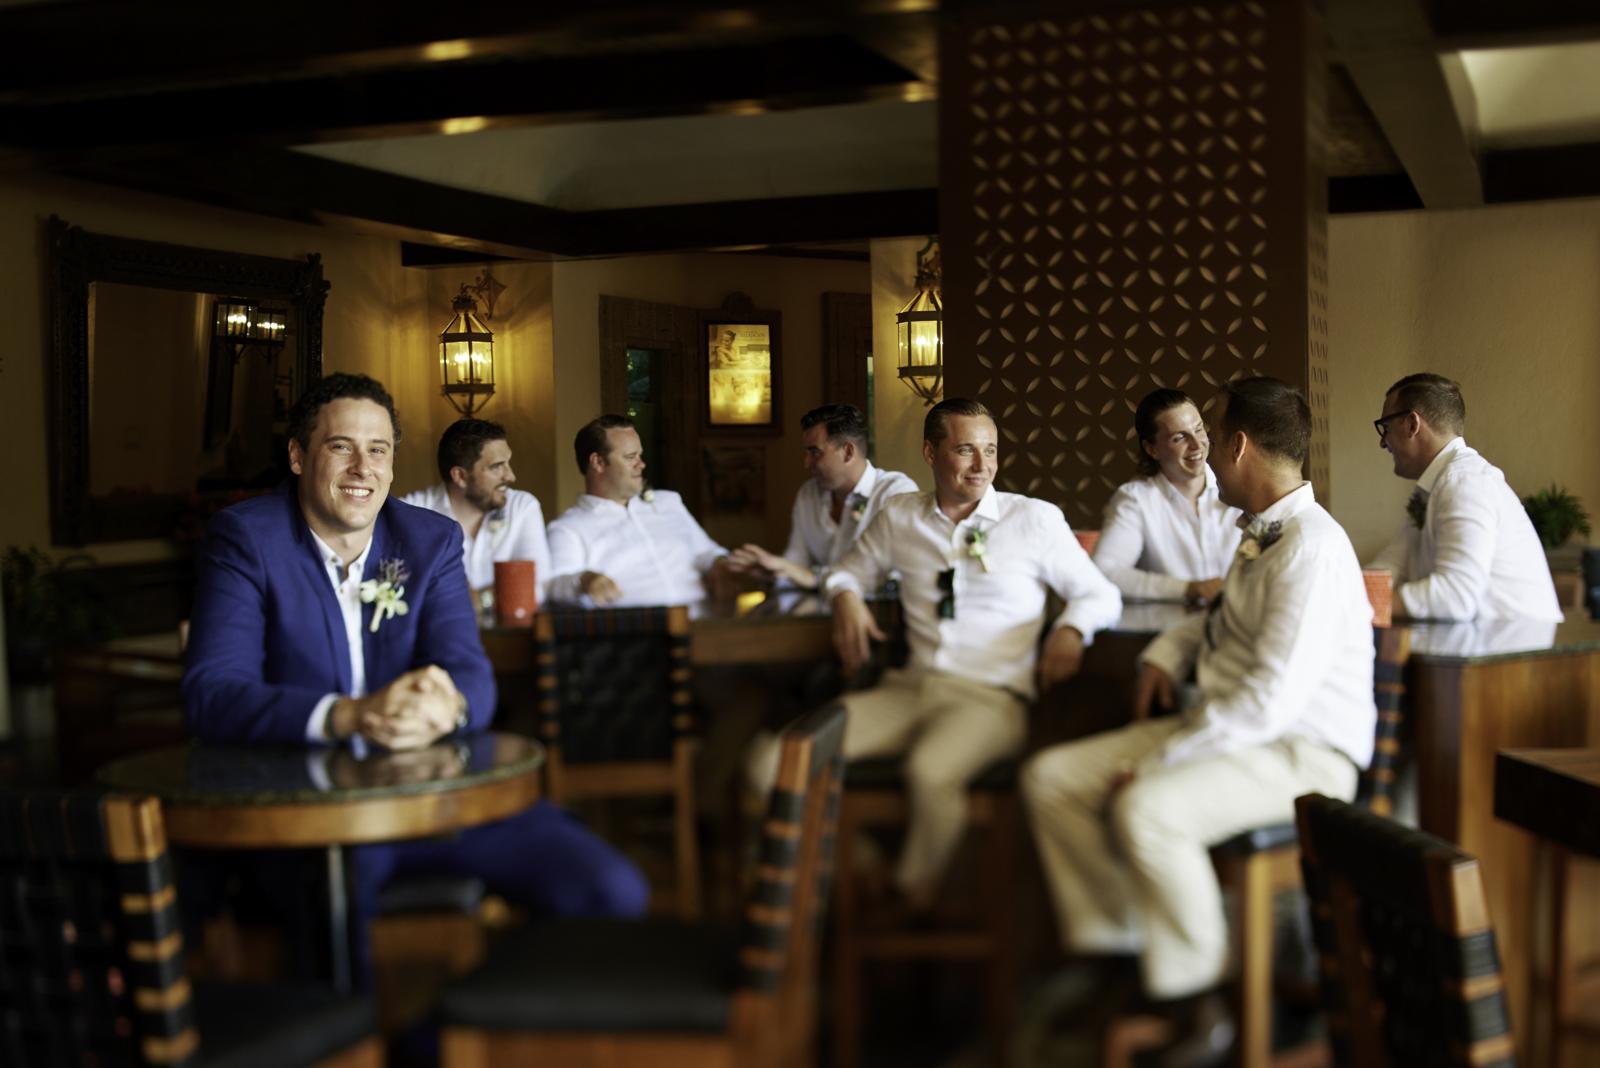 Professional wedding photographer in Puerto Vallarta - Groom and best men